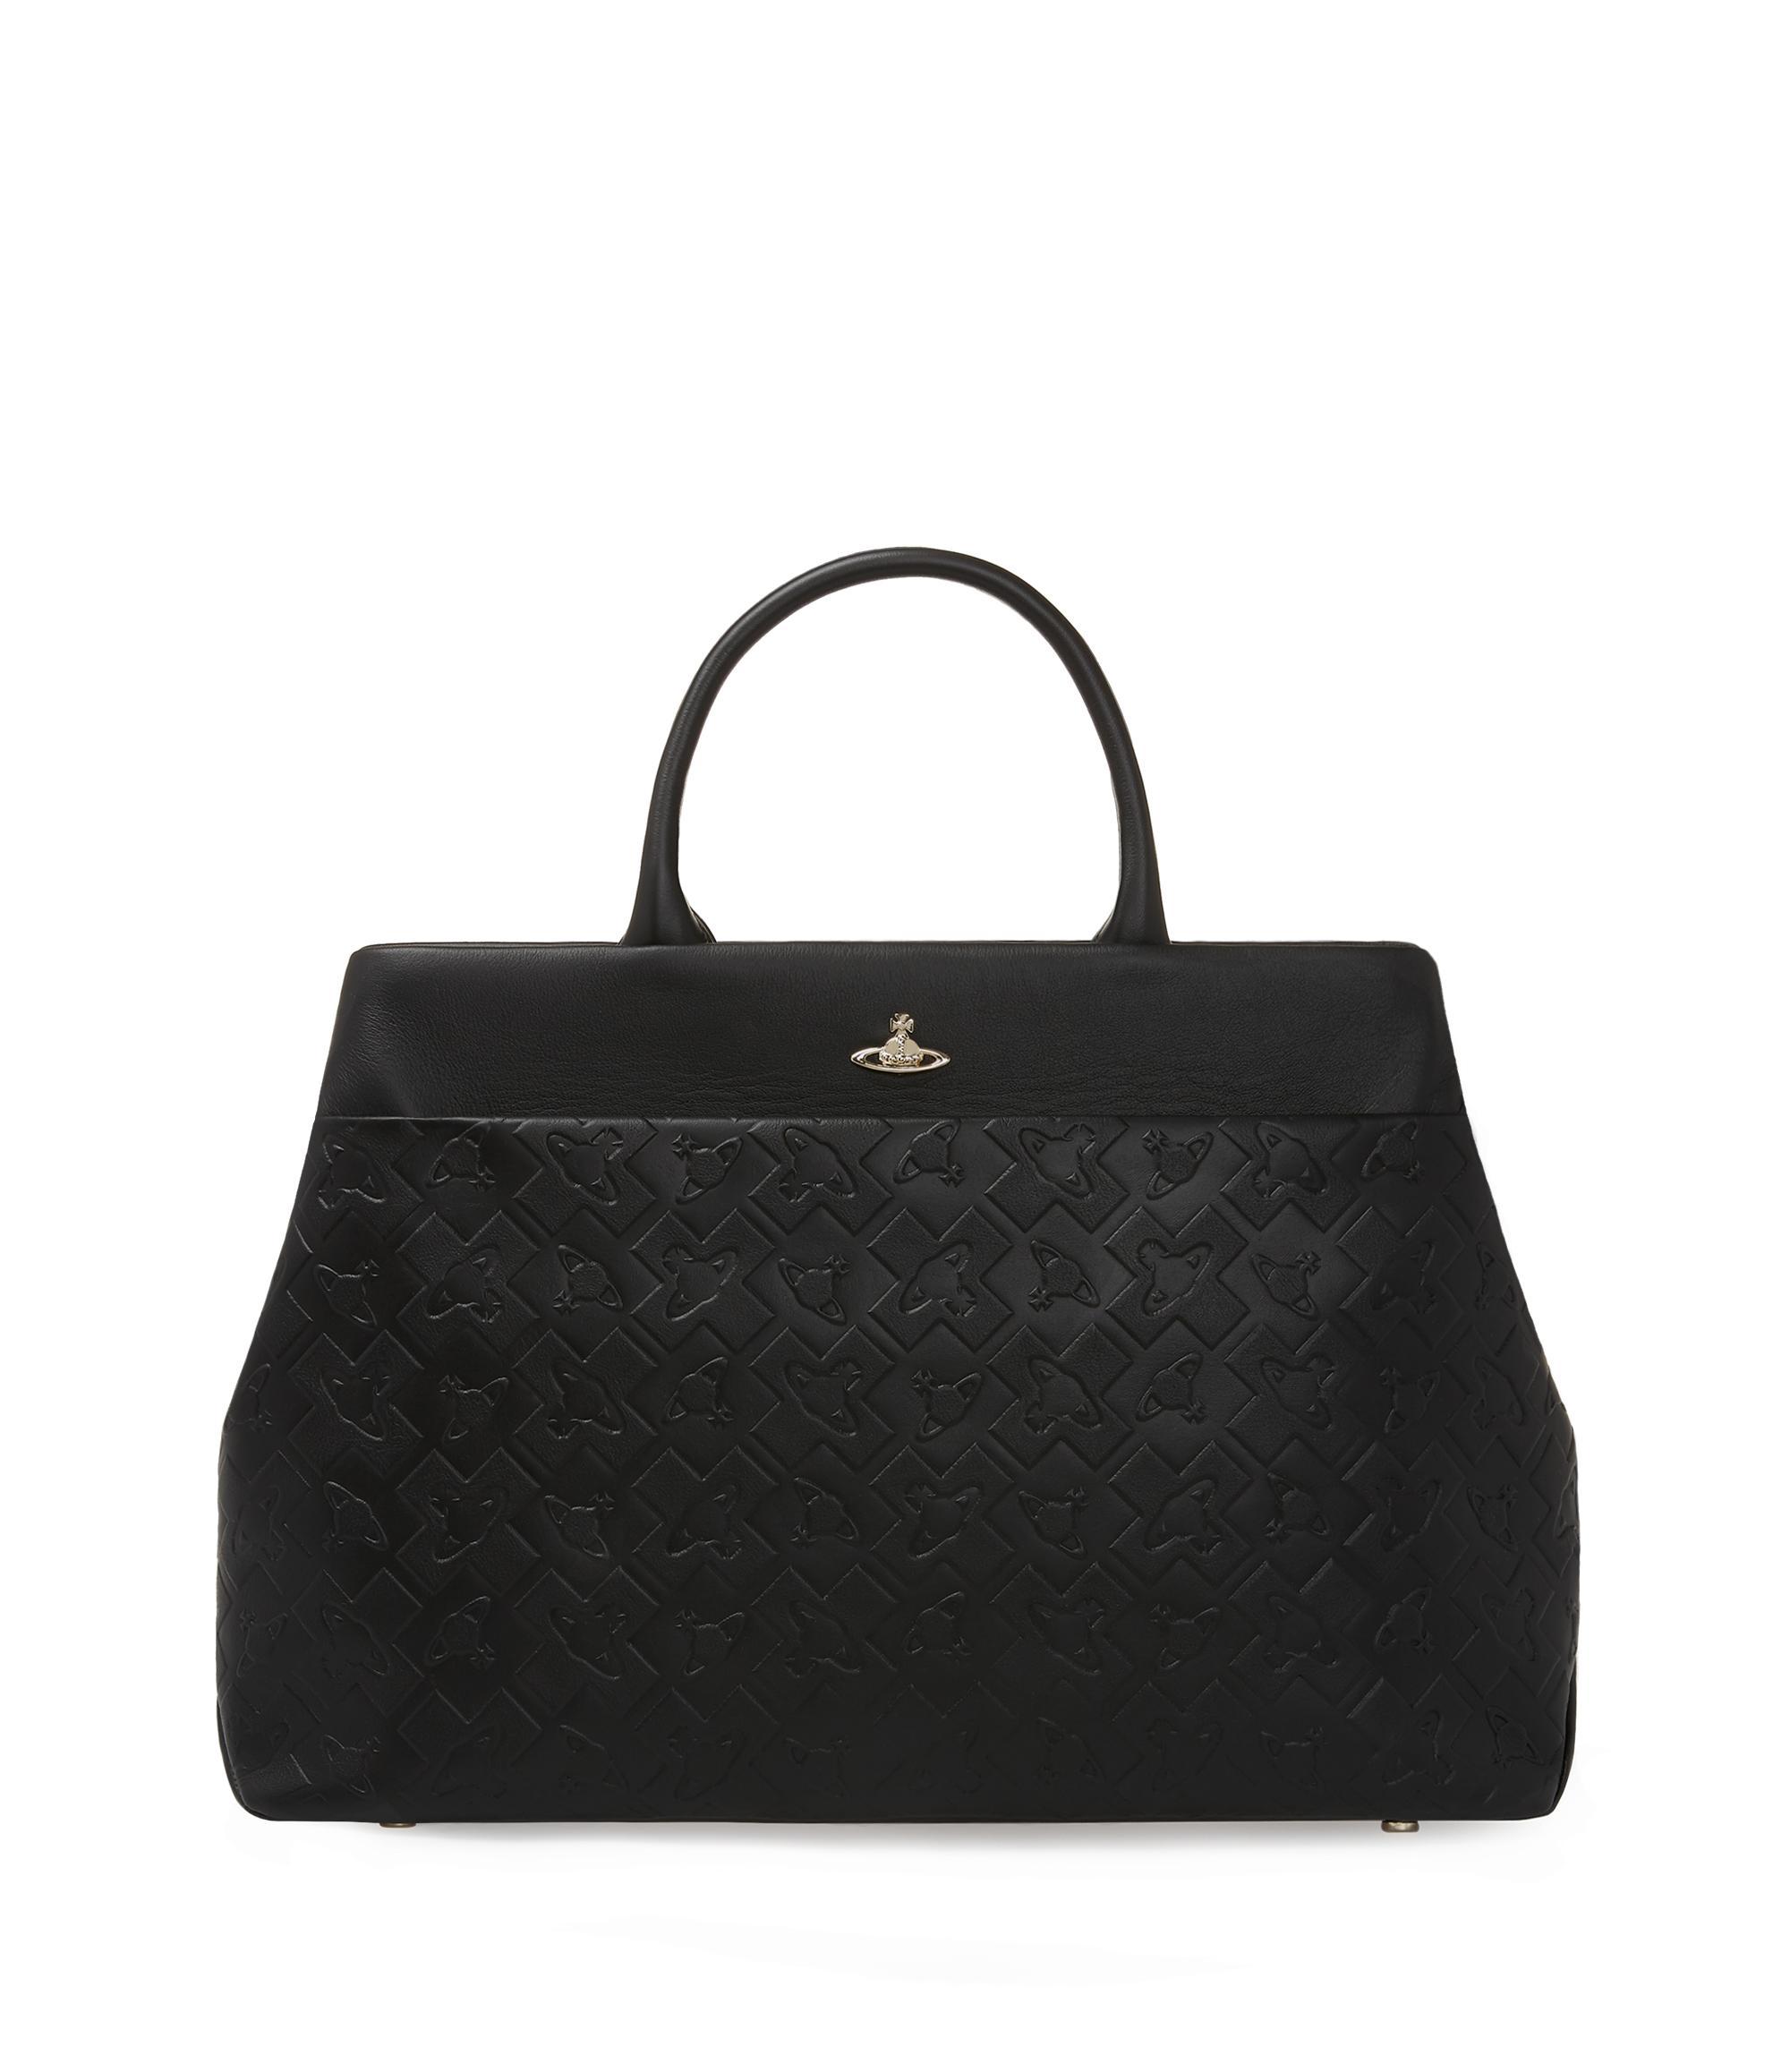 Vivienne Westwood Bags Time Machine Tote Bag Black - Luggage